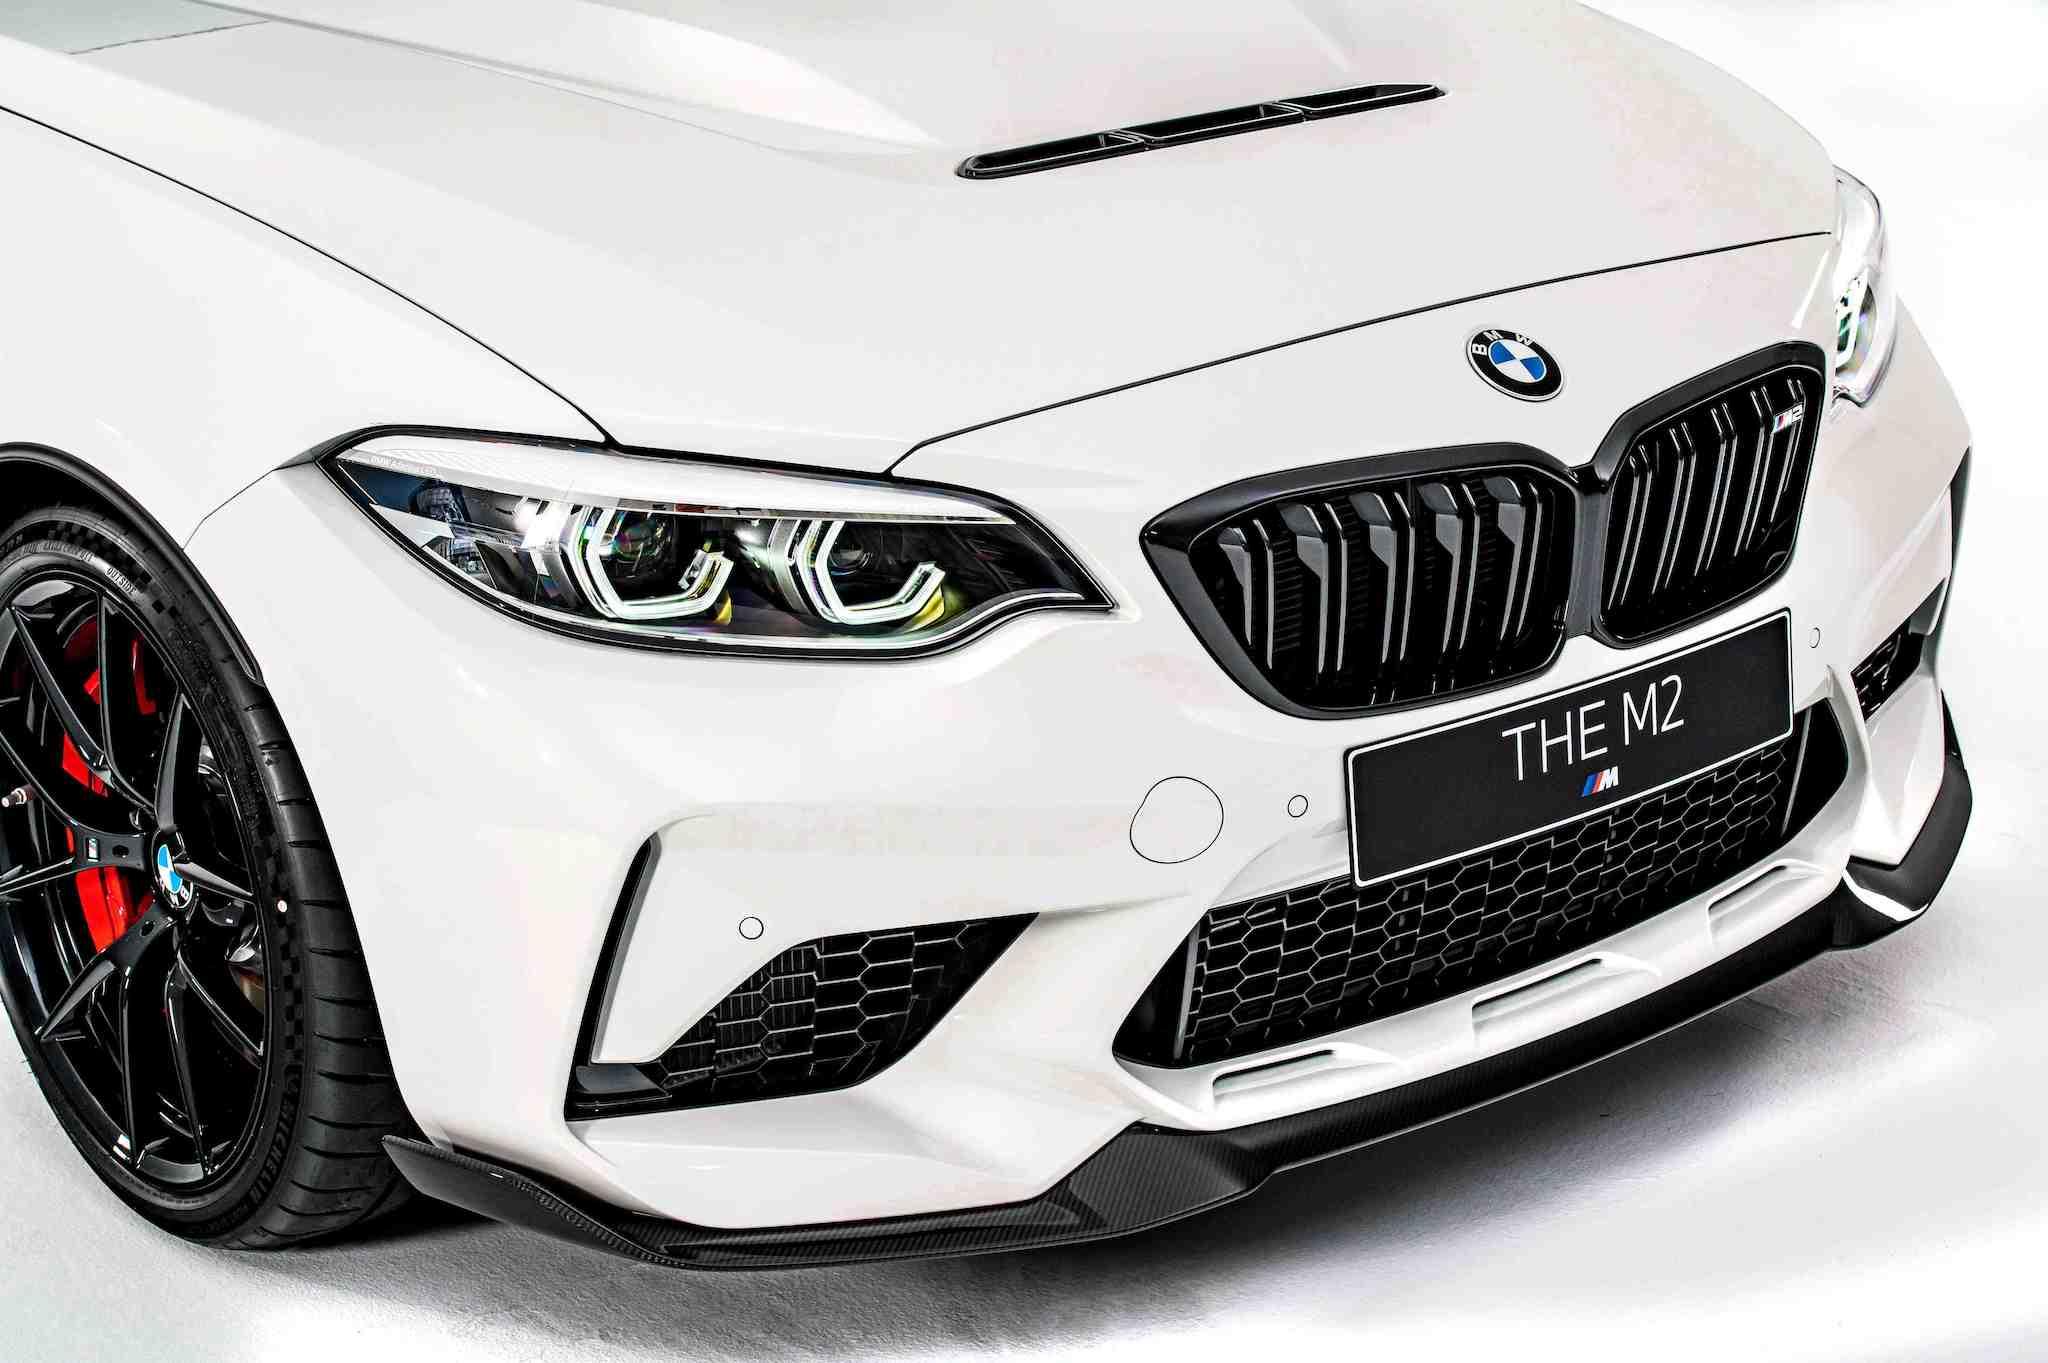 全新 BMW M2 CS 採用大量 CFRP 碳纖維複合材質,減少 50% 重量的碳纖維引擎蓋除了輕量化設計更增添了中央進氣口,為引擎提供更充足的散熱冷卻效果。